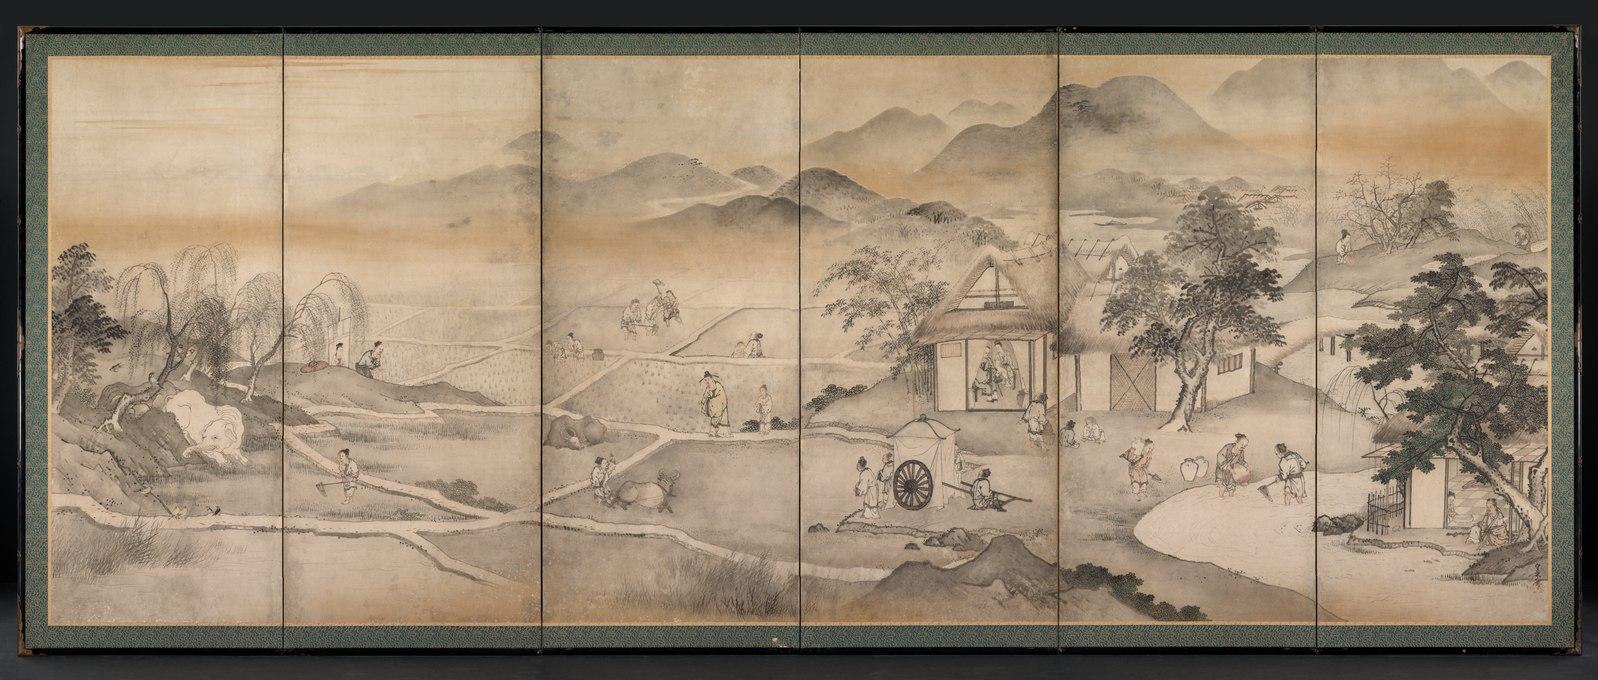 La légende de l'empereur Shun : l'origine du soja jaune et du soja noir